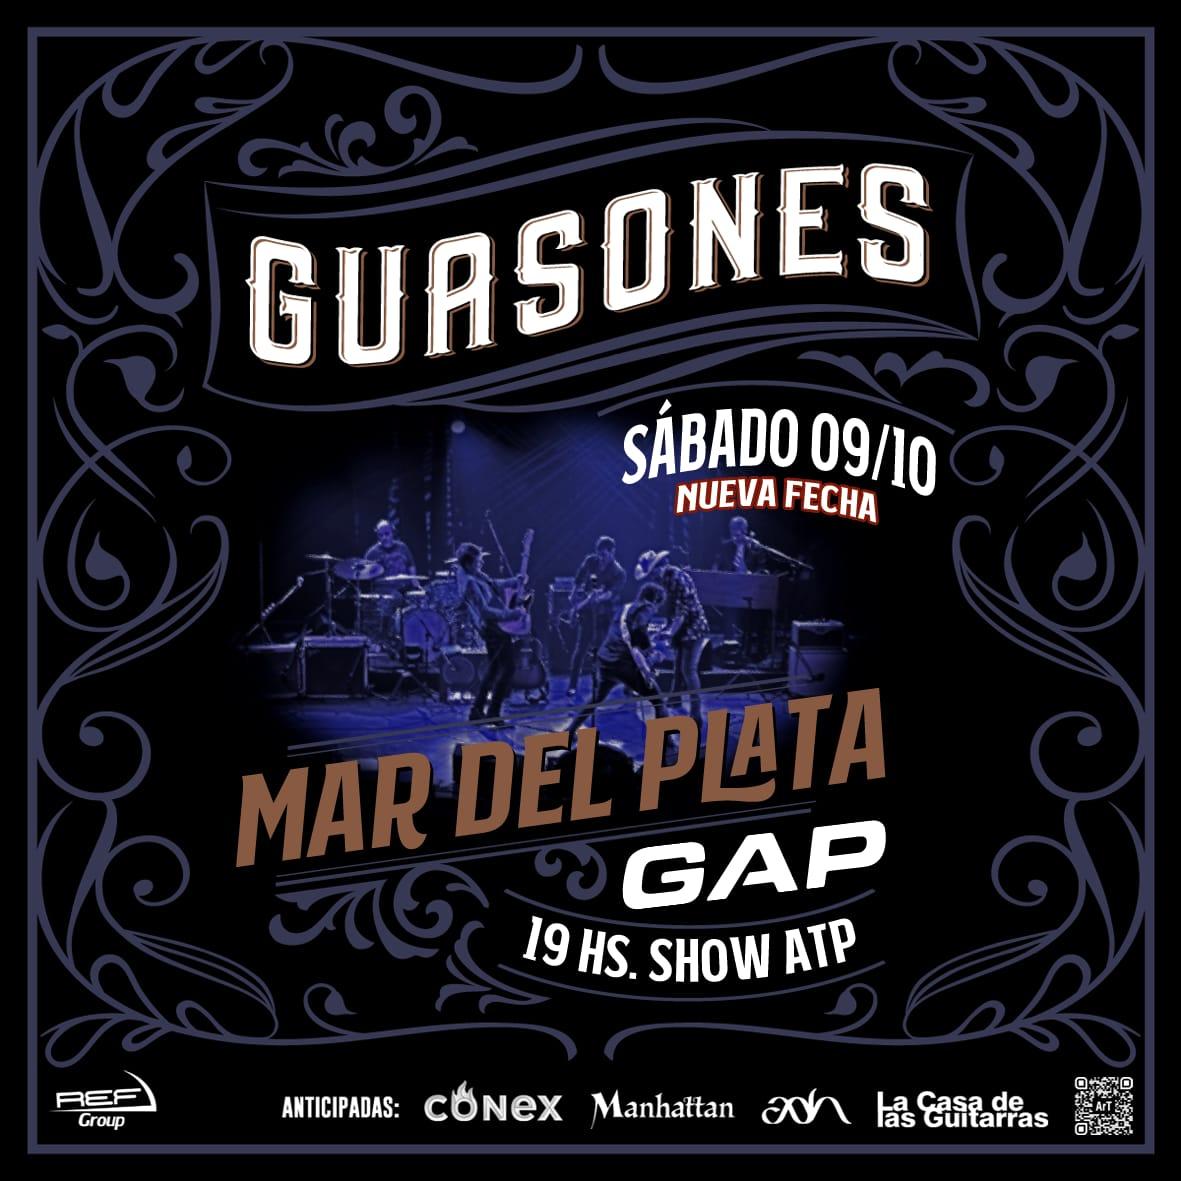 ¡Guasones agrega nueva fecha en Mar del Plata!